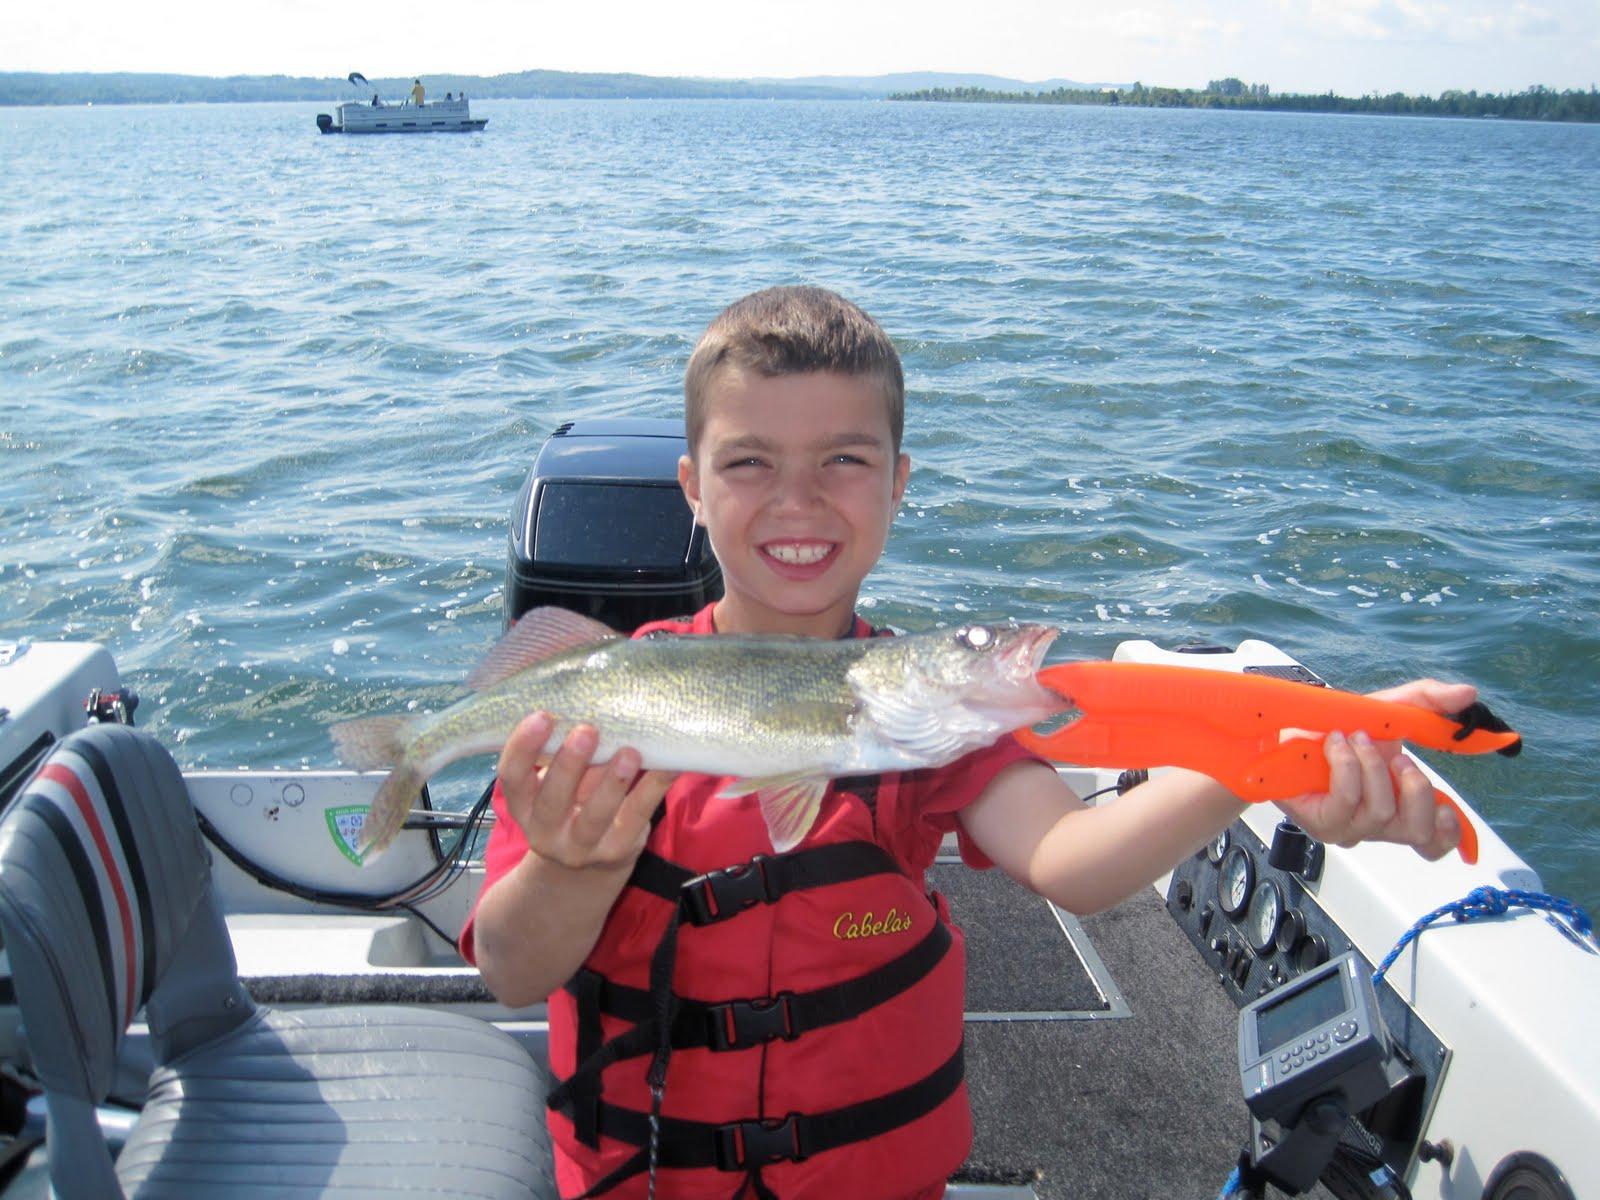 Fishing report for lake houghton and lake leelanau lake for Lake leelanau fishing